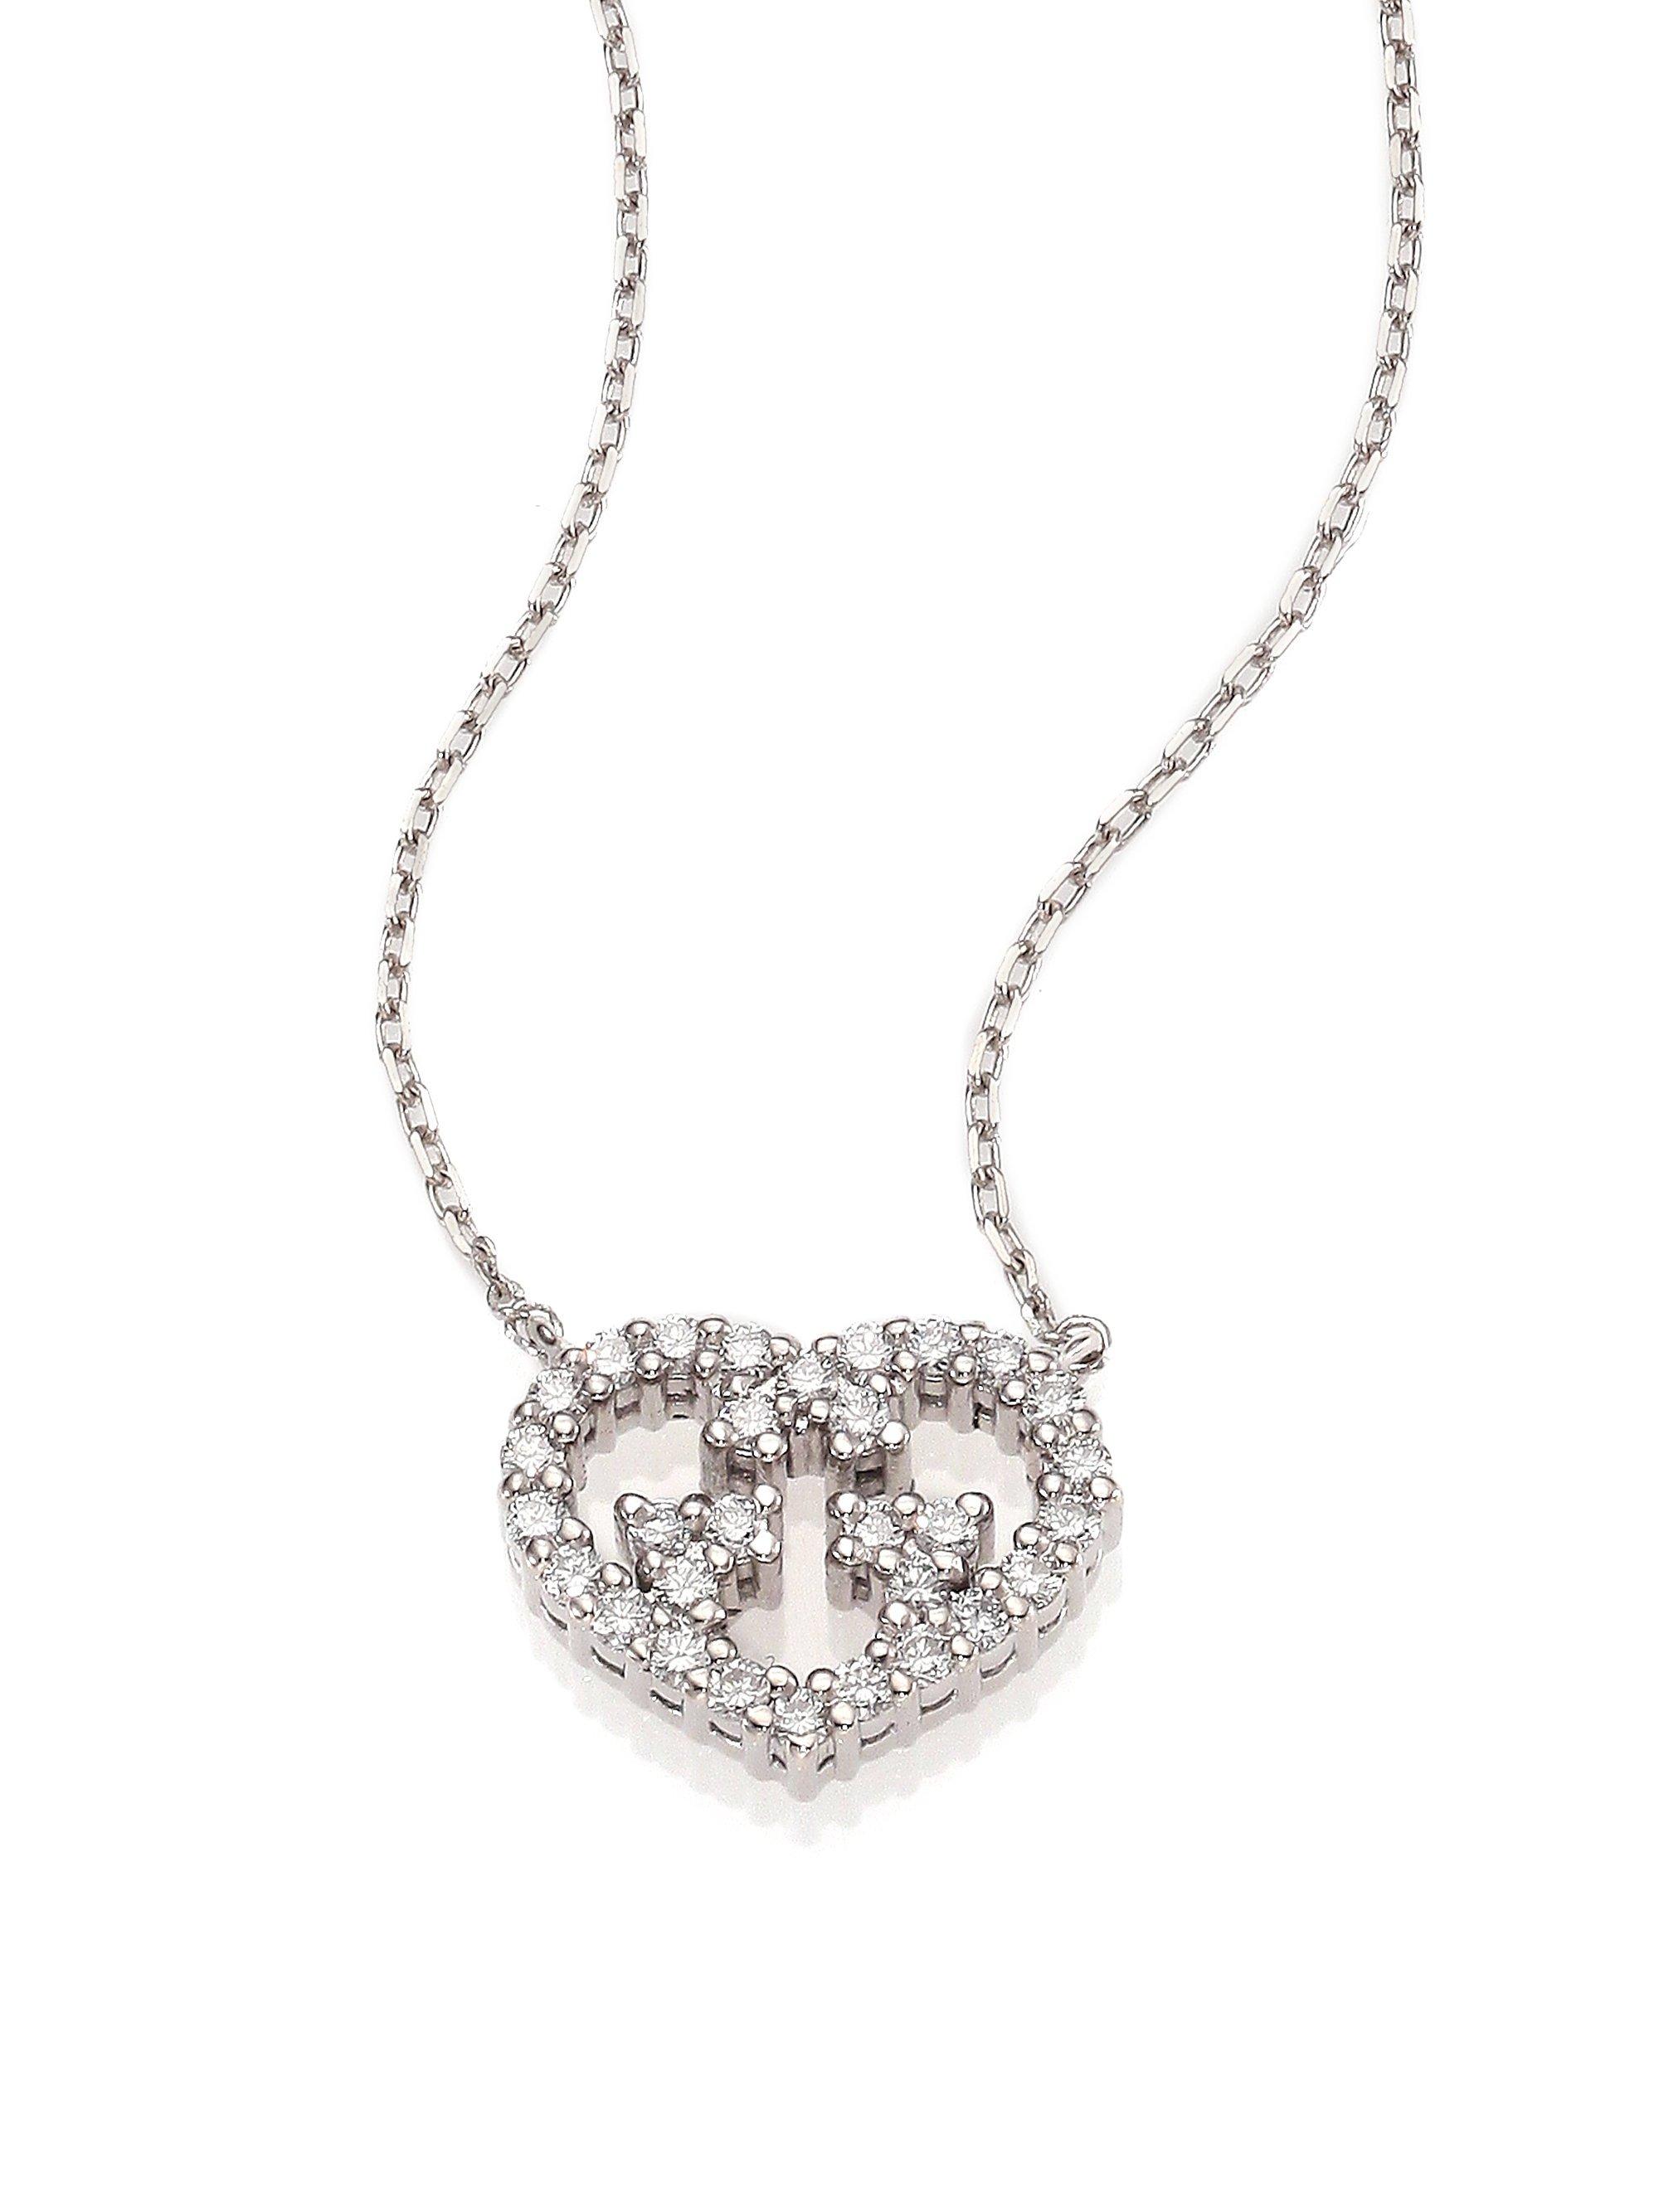 Gucci Love Britt Diamond & 18k White Gold Pendant Necklace in